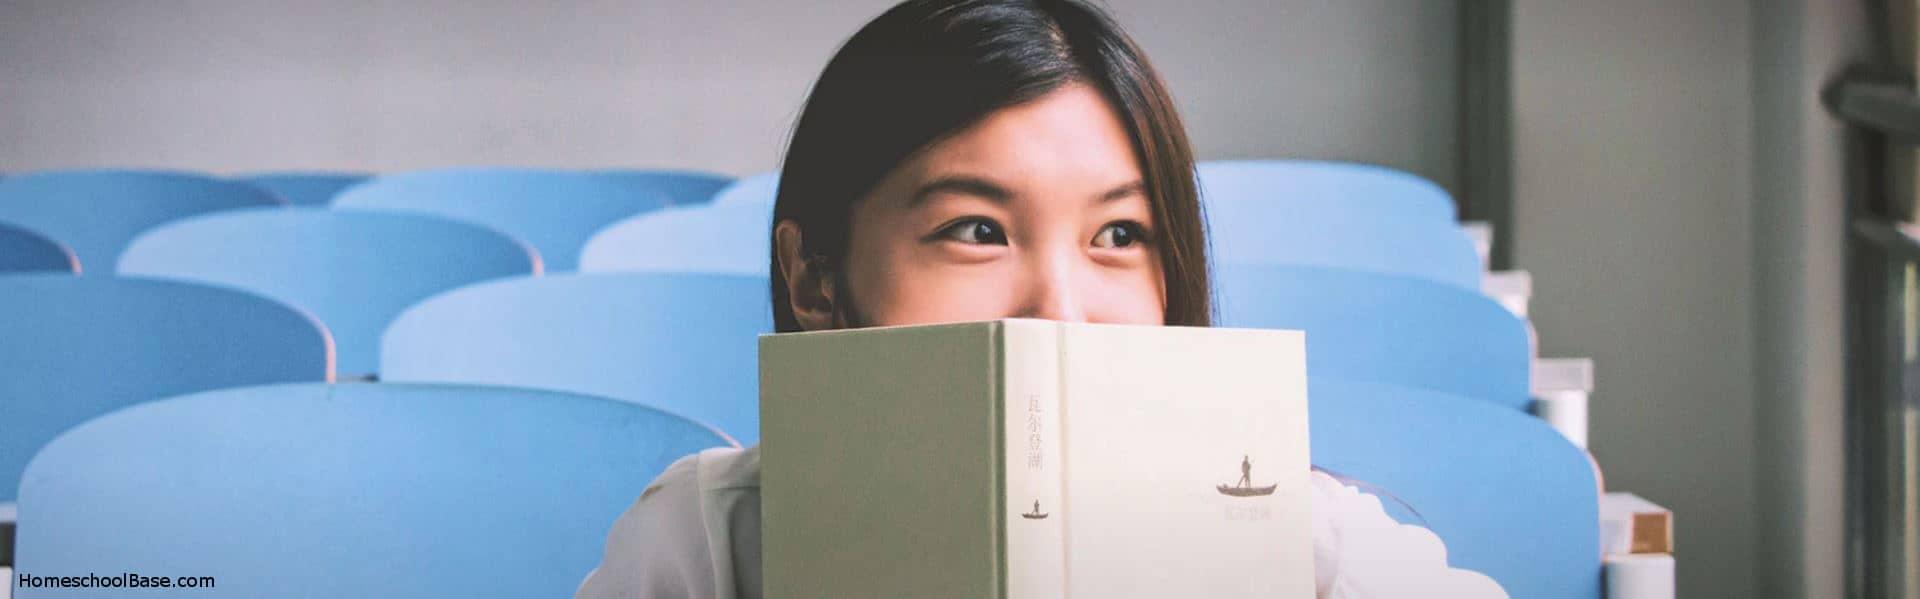 behind-book